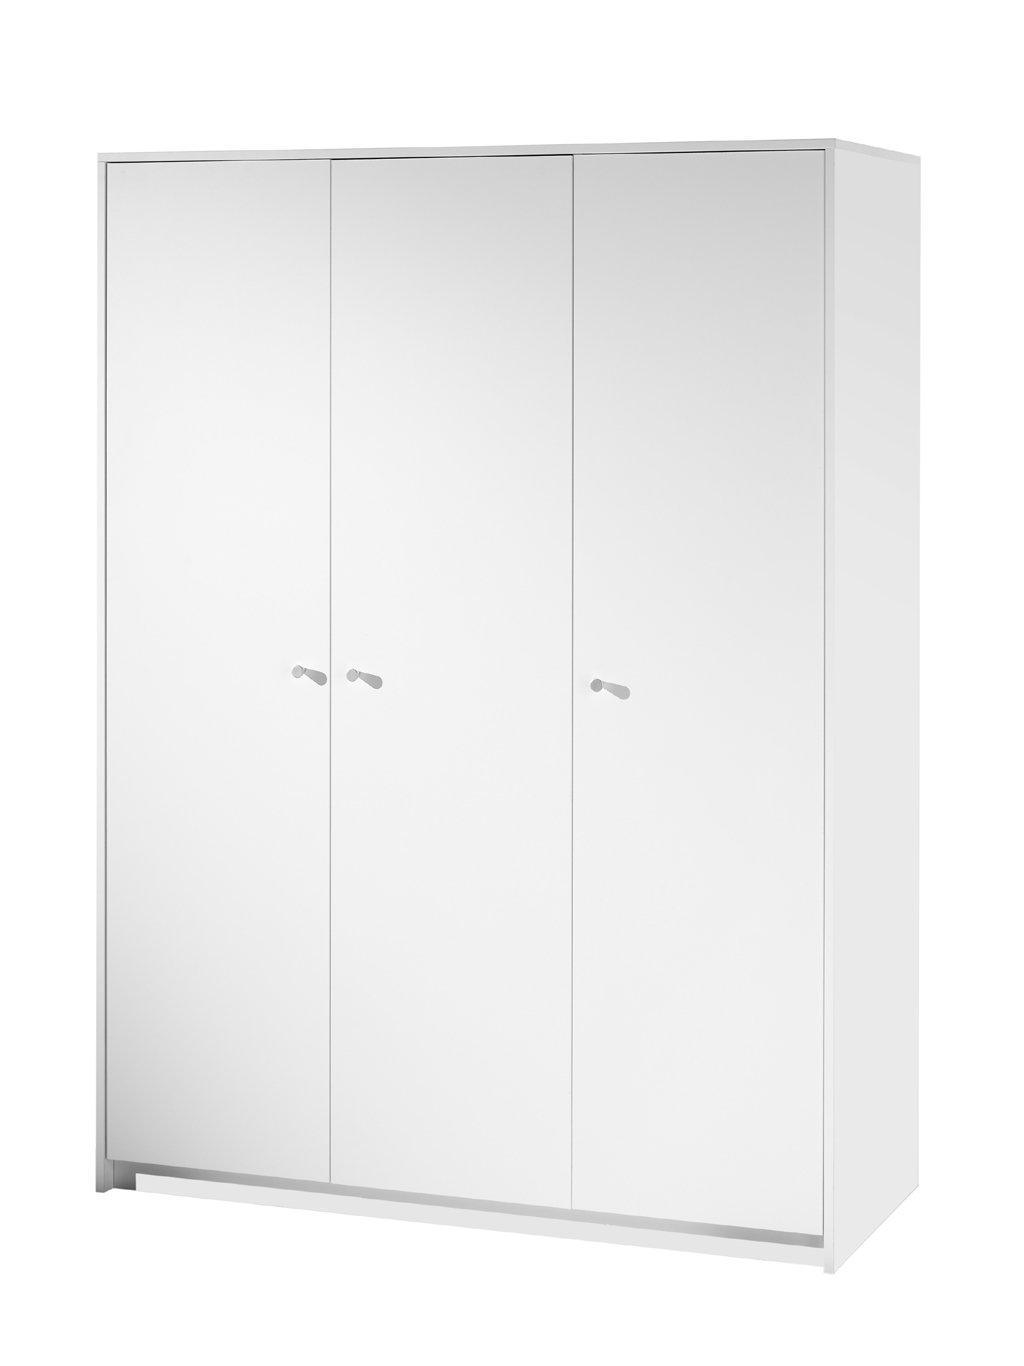 Schardt 06 497 02 00 - Schrank Classic-Line weiss mit 3 Türen